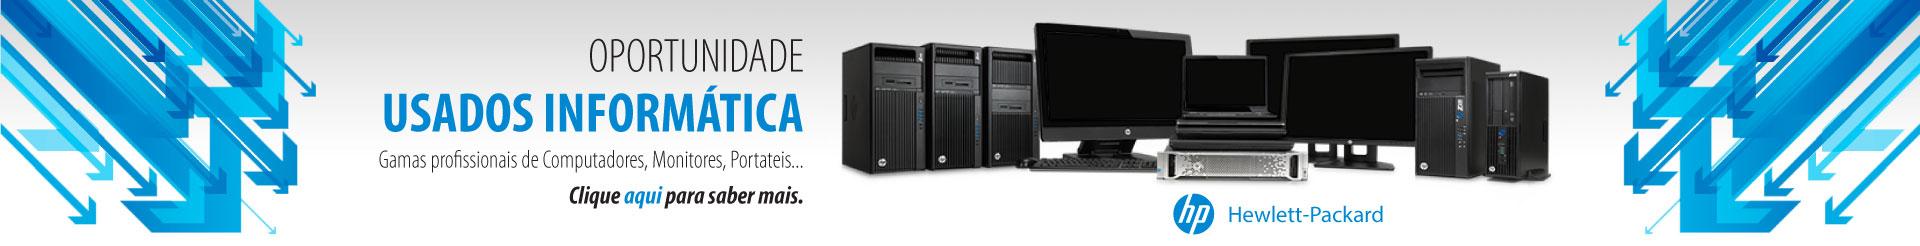 OPORTUNIDADE, USADOS INFORMÁTICA. Gamas profissionais de Computadores, Monitores, Portateis...